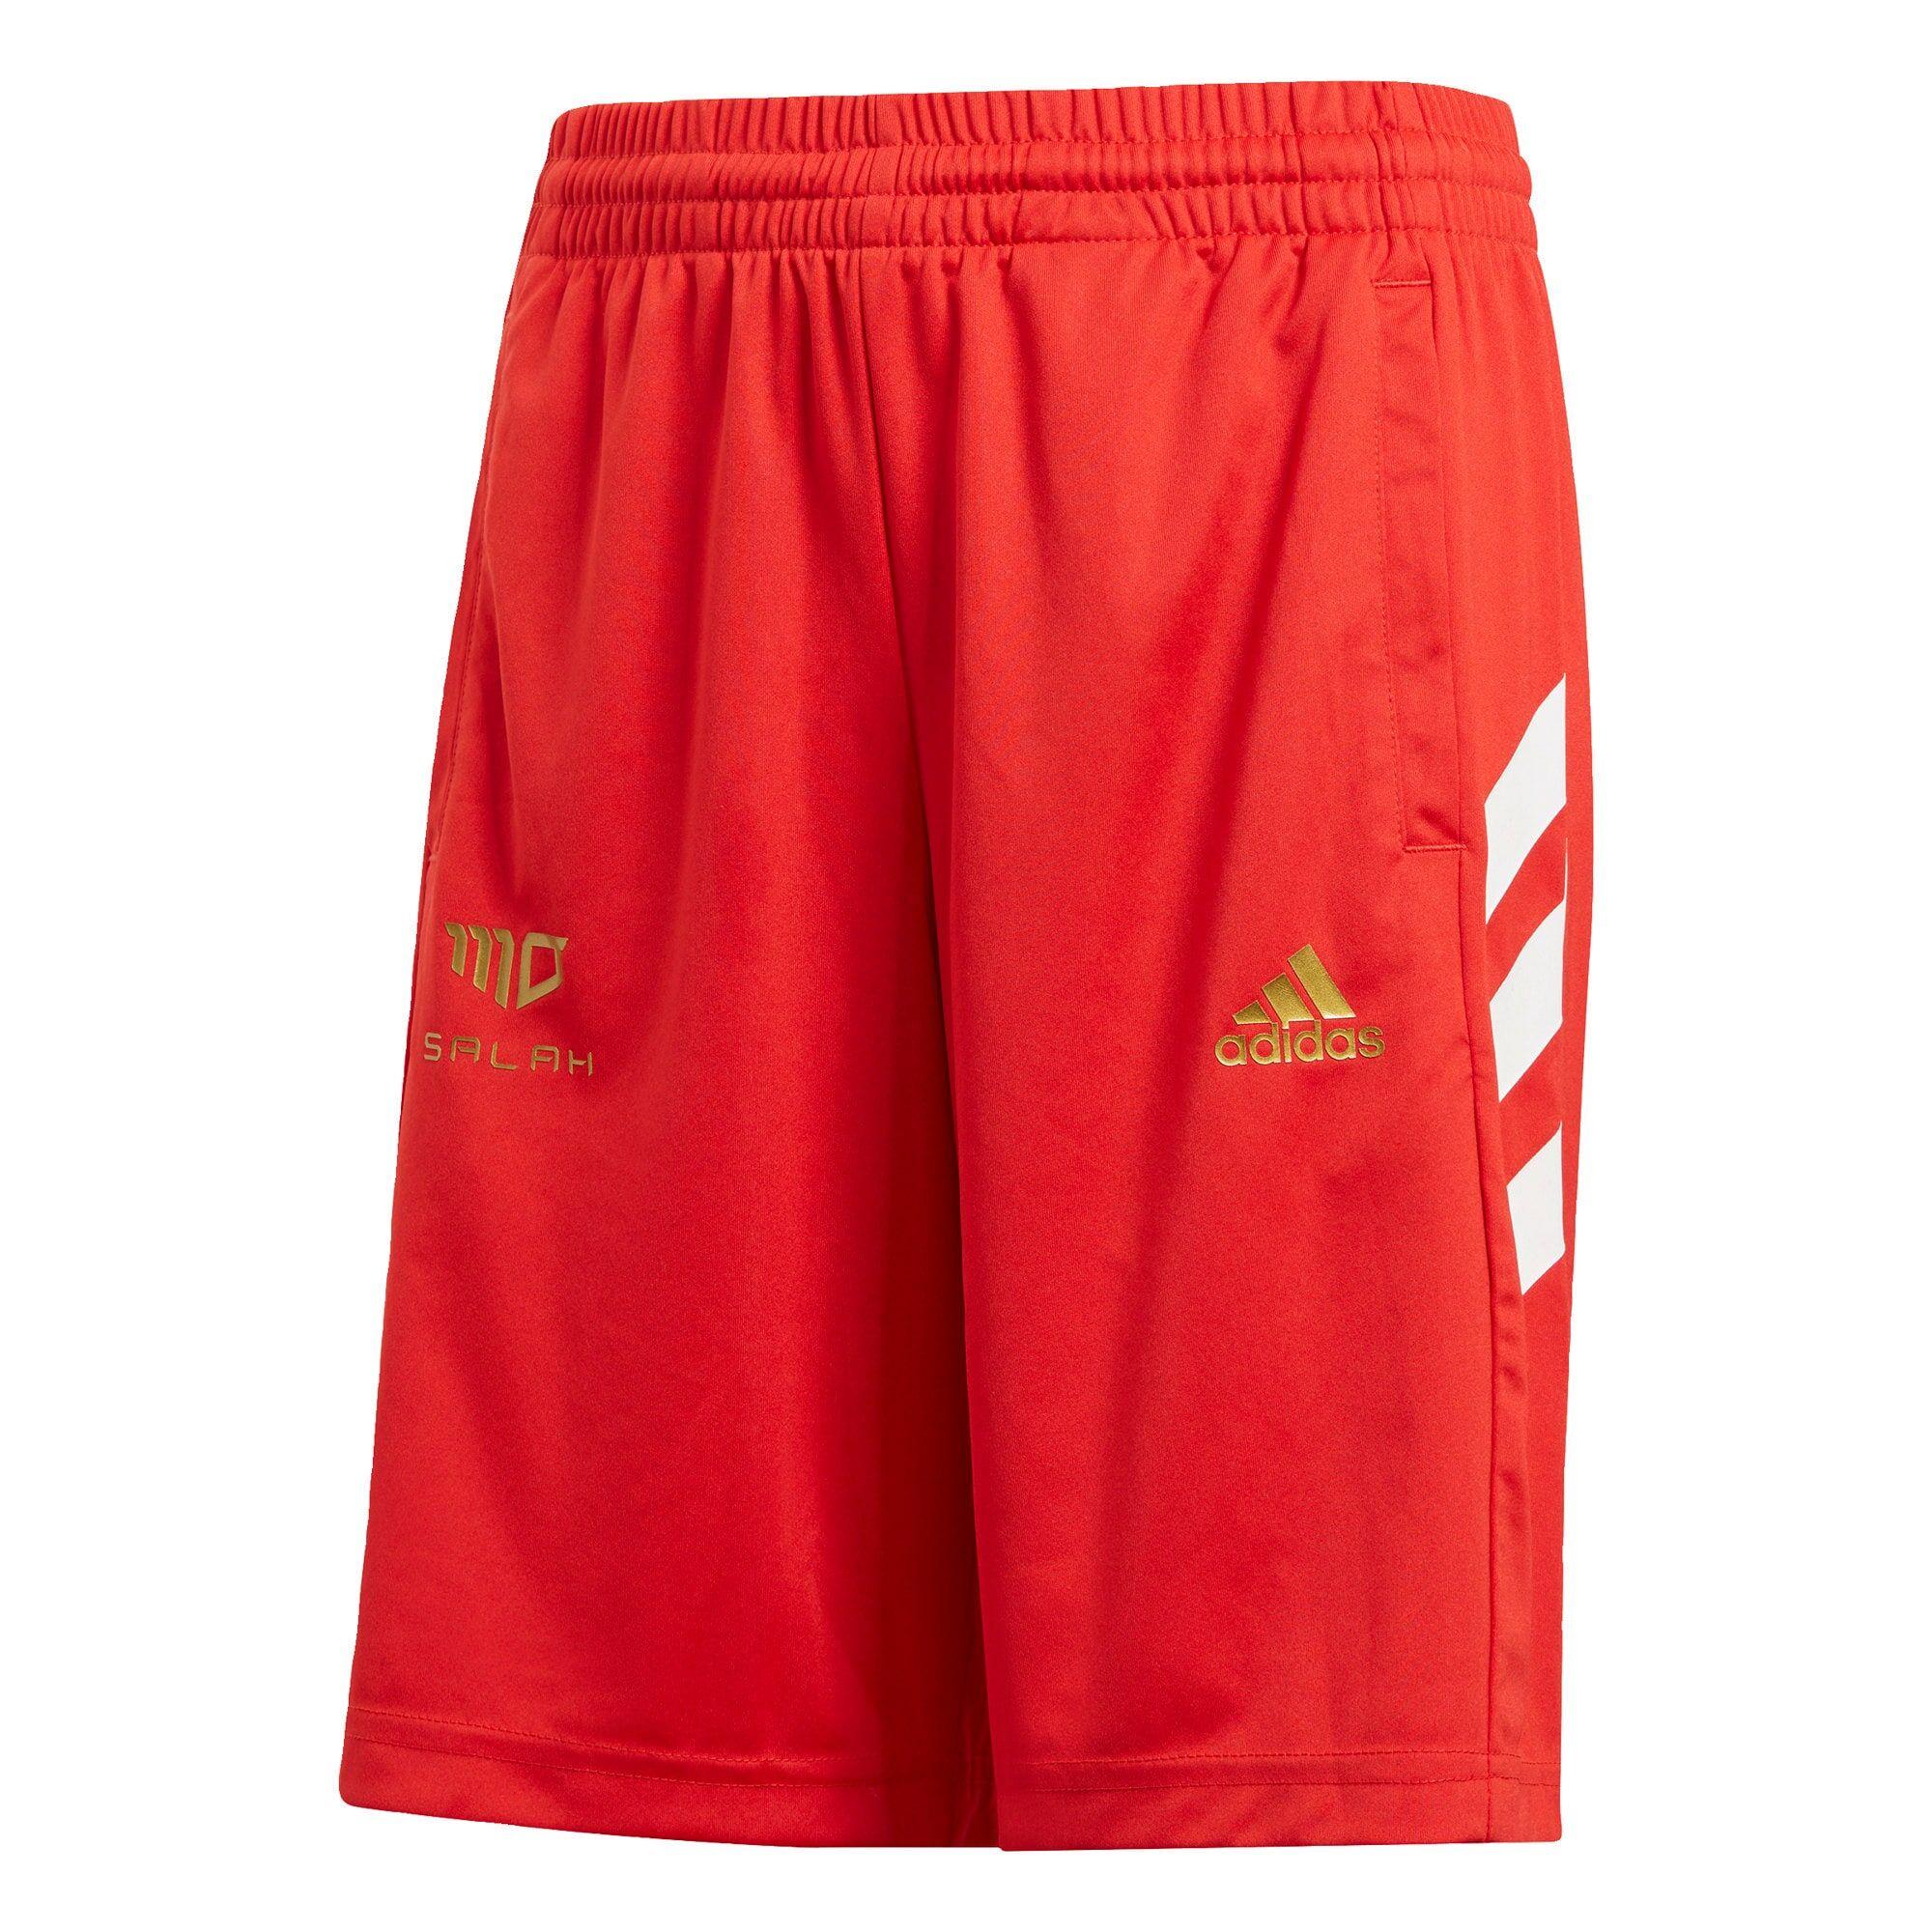 ADIDAS PERFORMANCE Pantalón deportivo 'Sala' Rojo